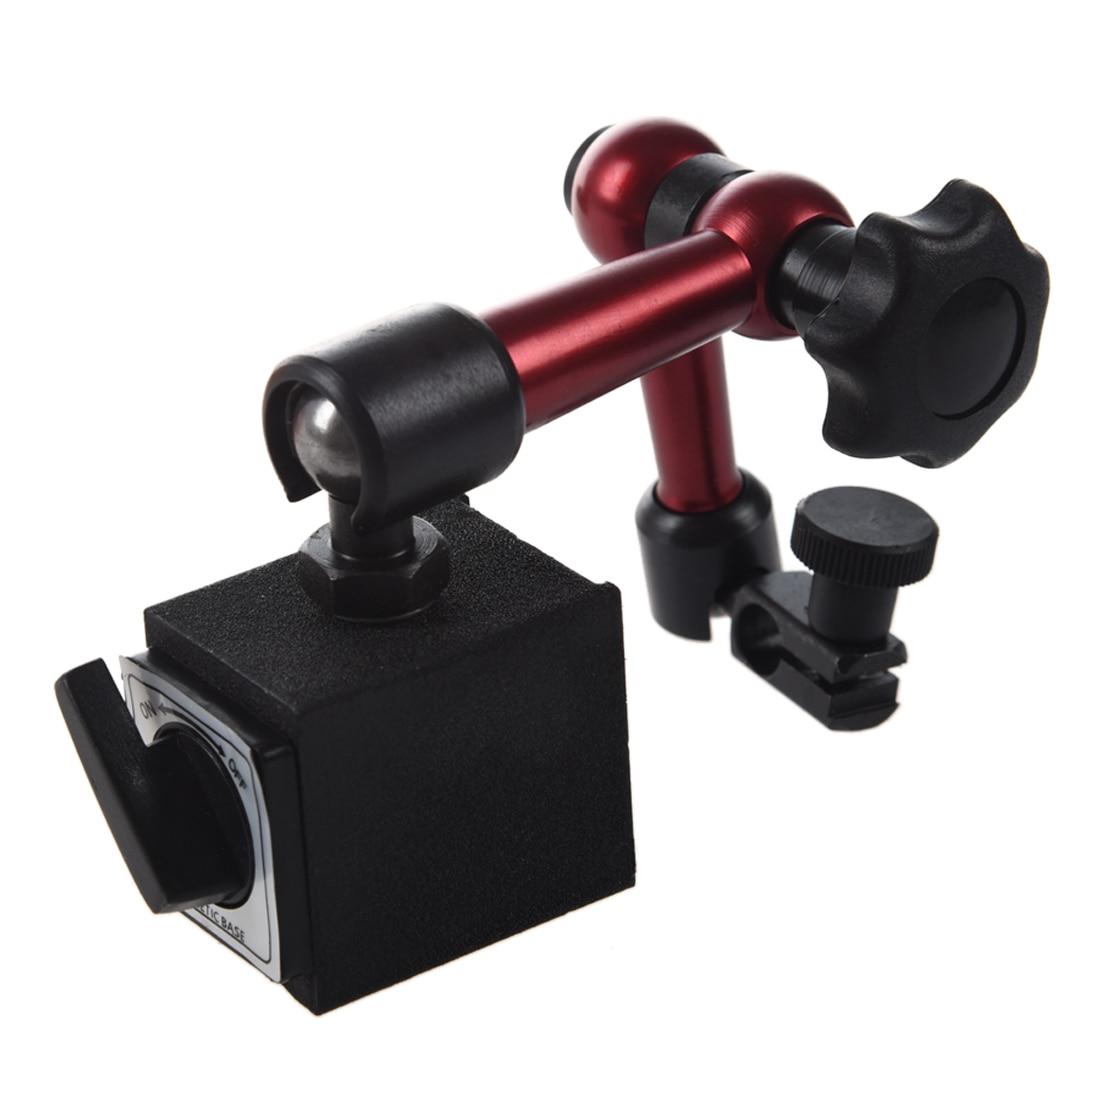 Adjustable Magnetic Gauge Stand Base Holder Digital Level Dial Test Indicator mini flexible magnetic base holder stand dial test indicator tool